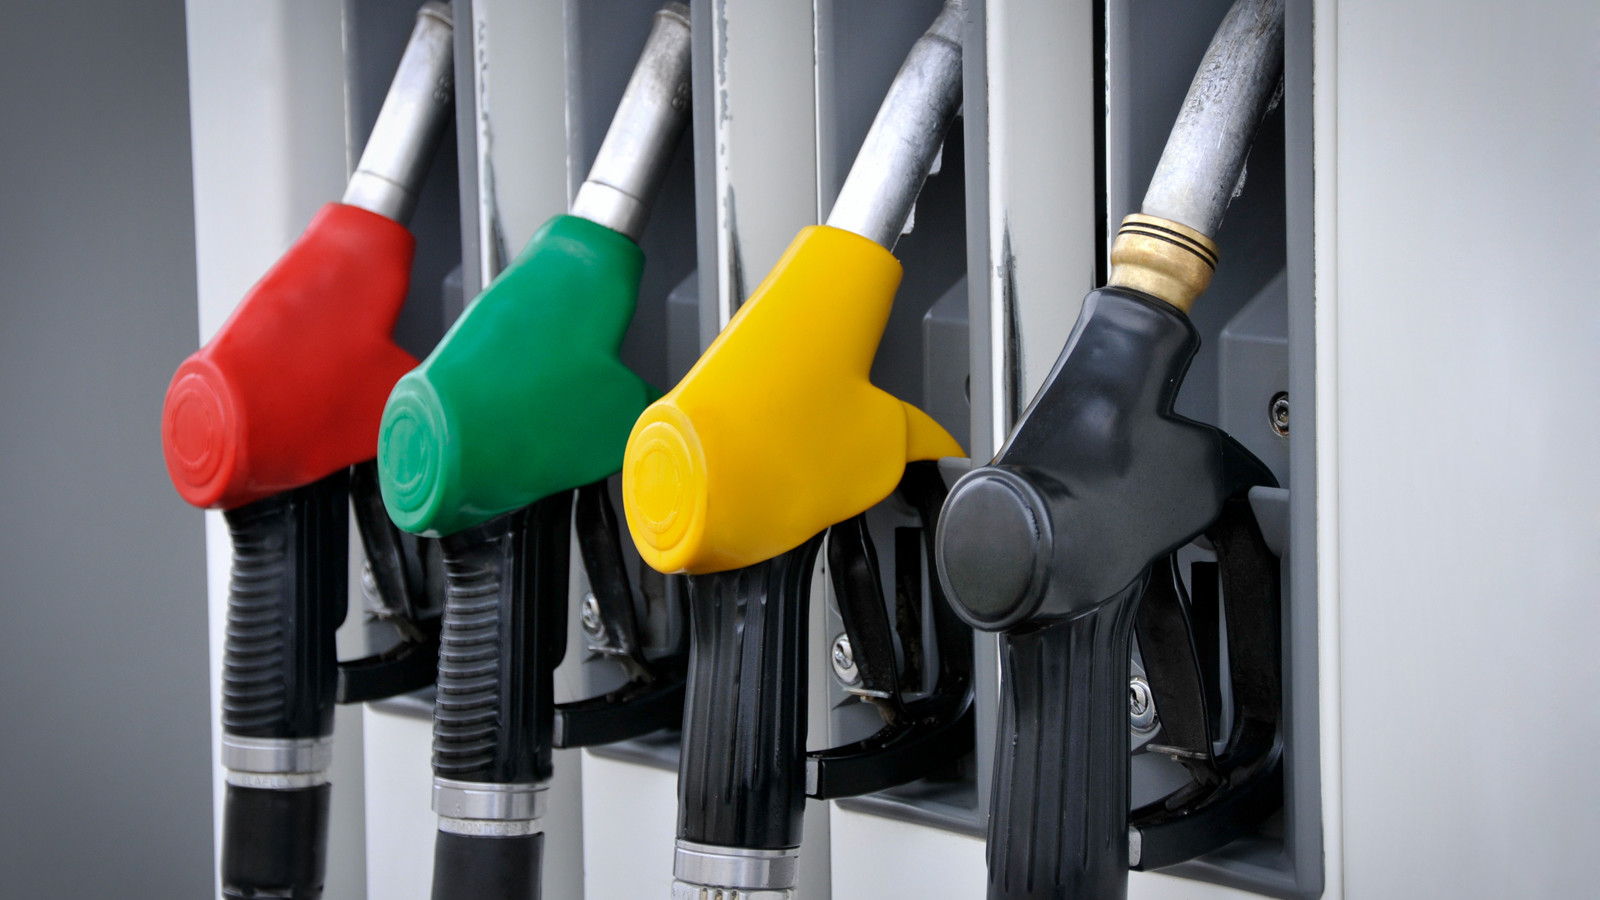 НаАлтае может резко увеличиться цена дизельного топлива